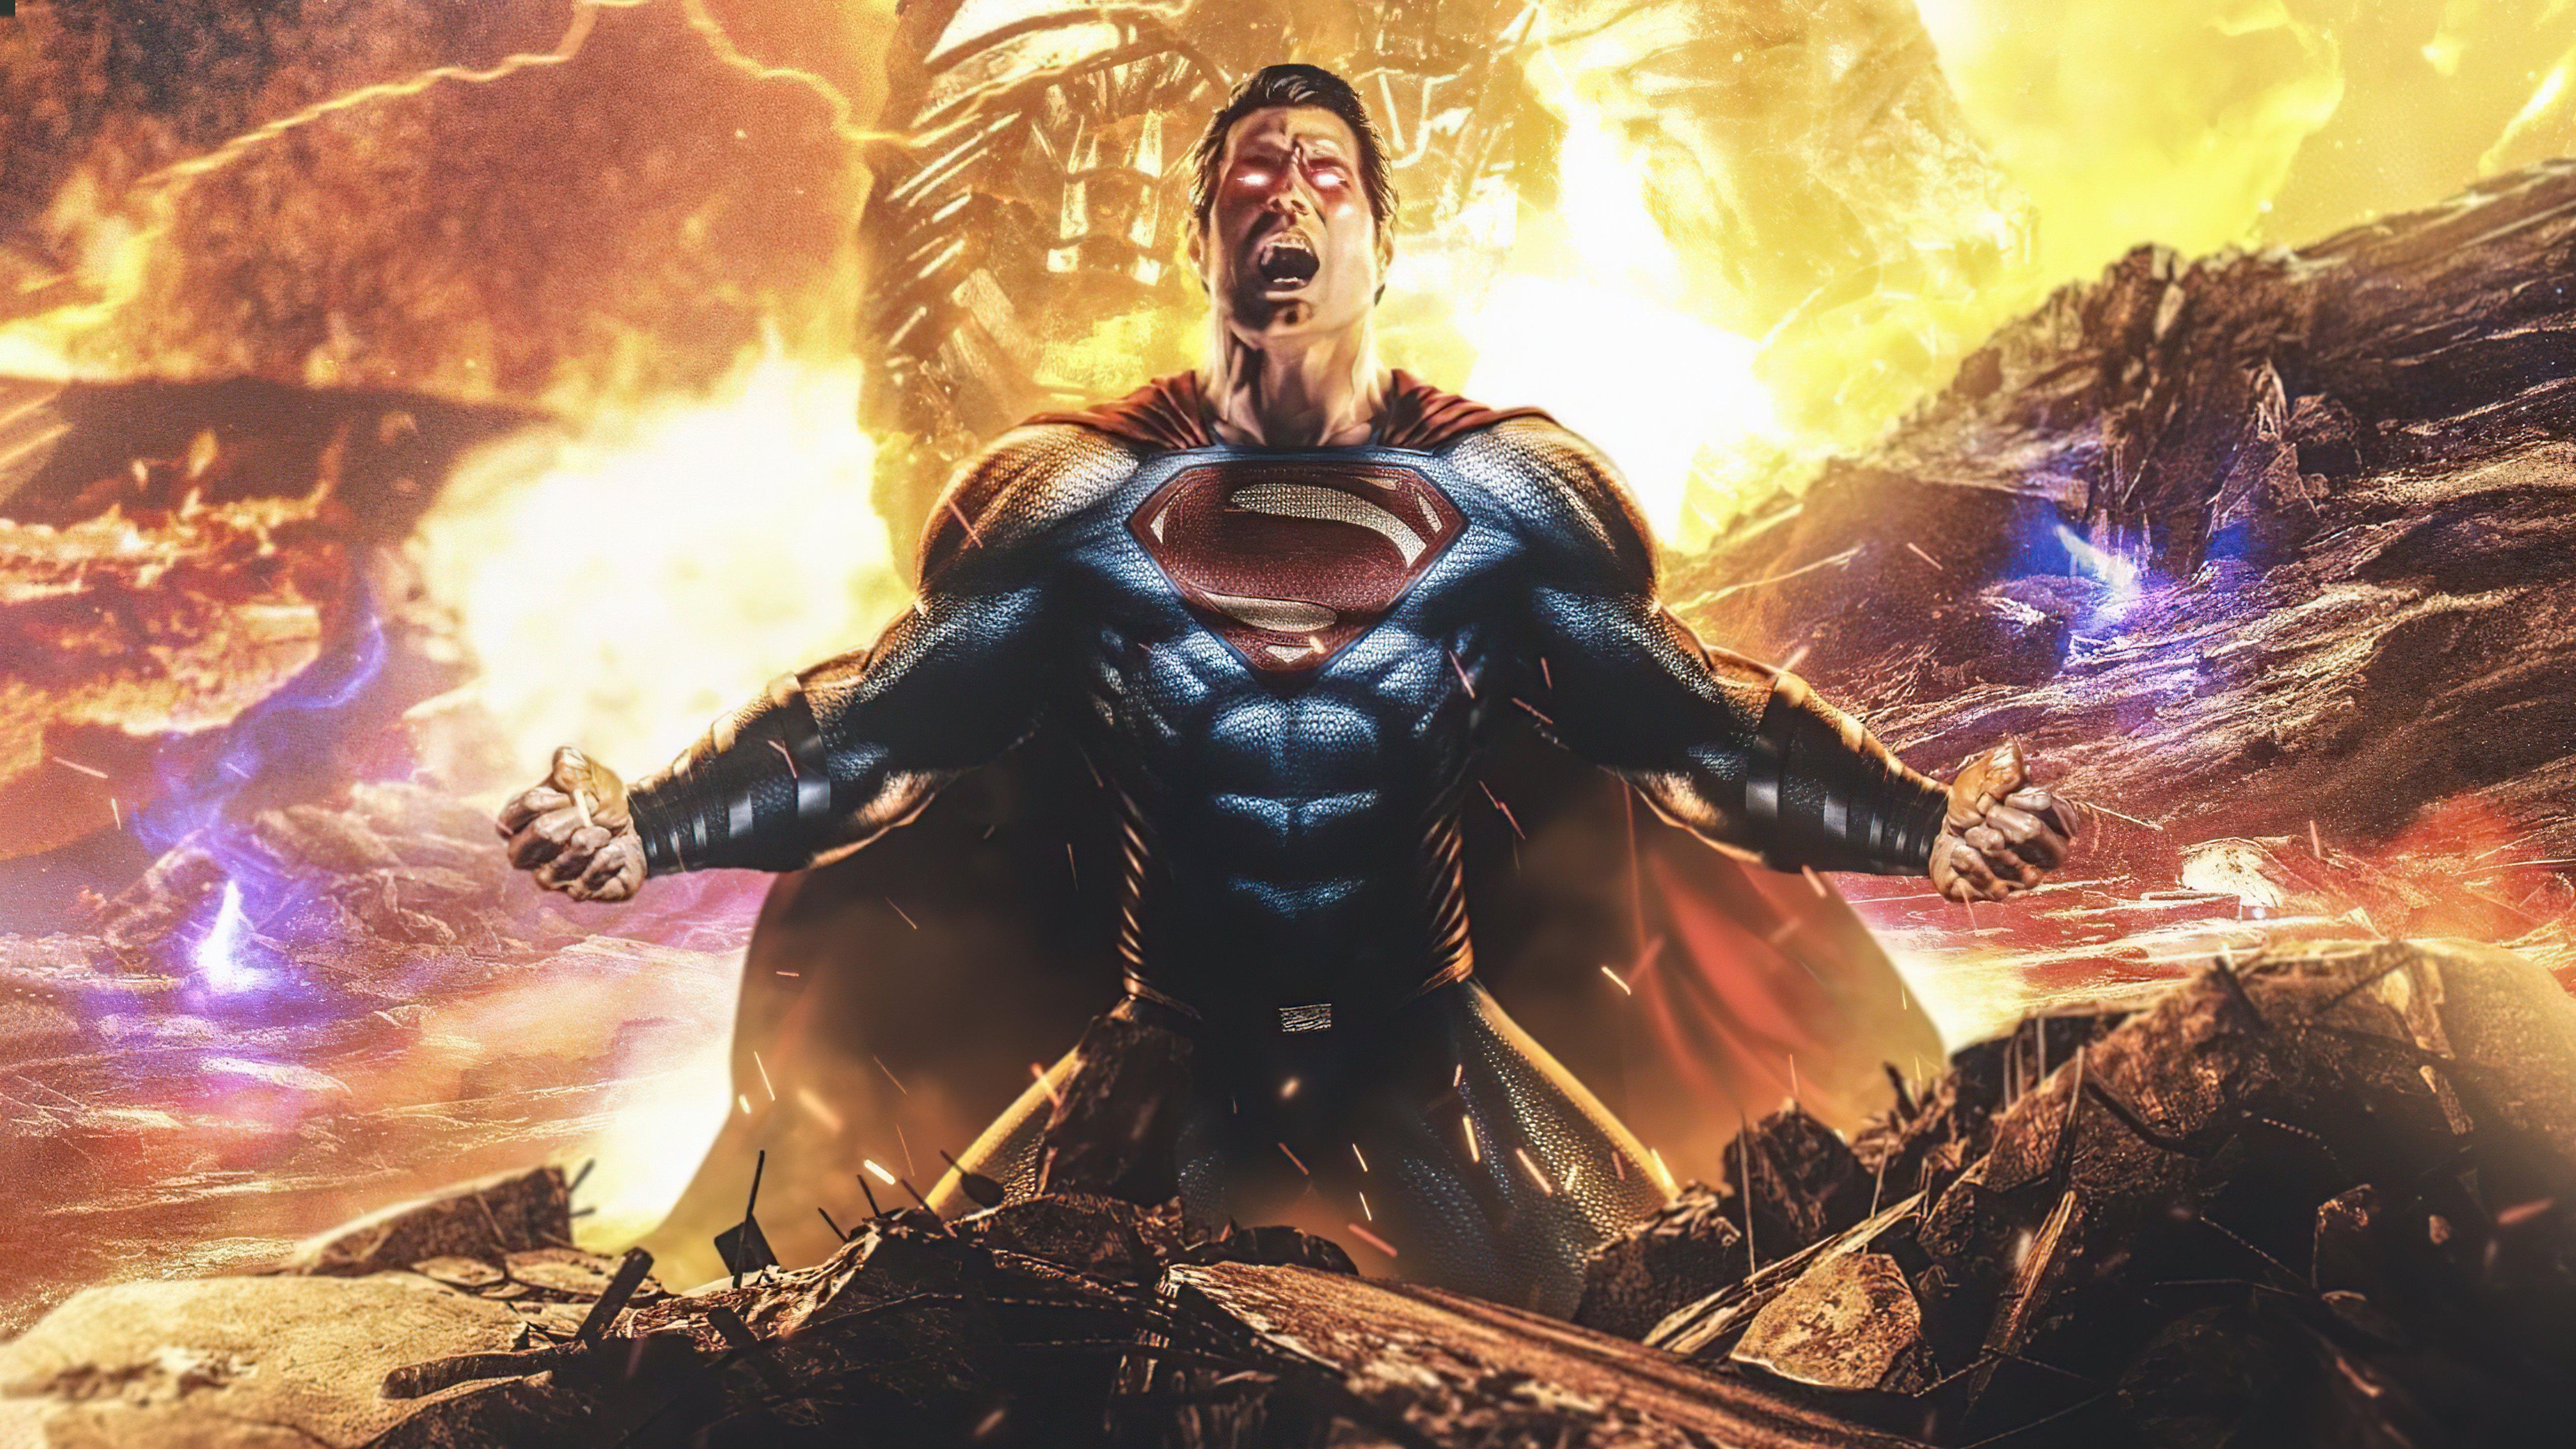 Fondos de pantalla Superman contra Darkseid Snyder Liga de la Justicia